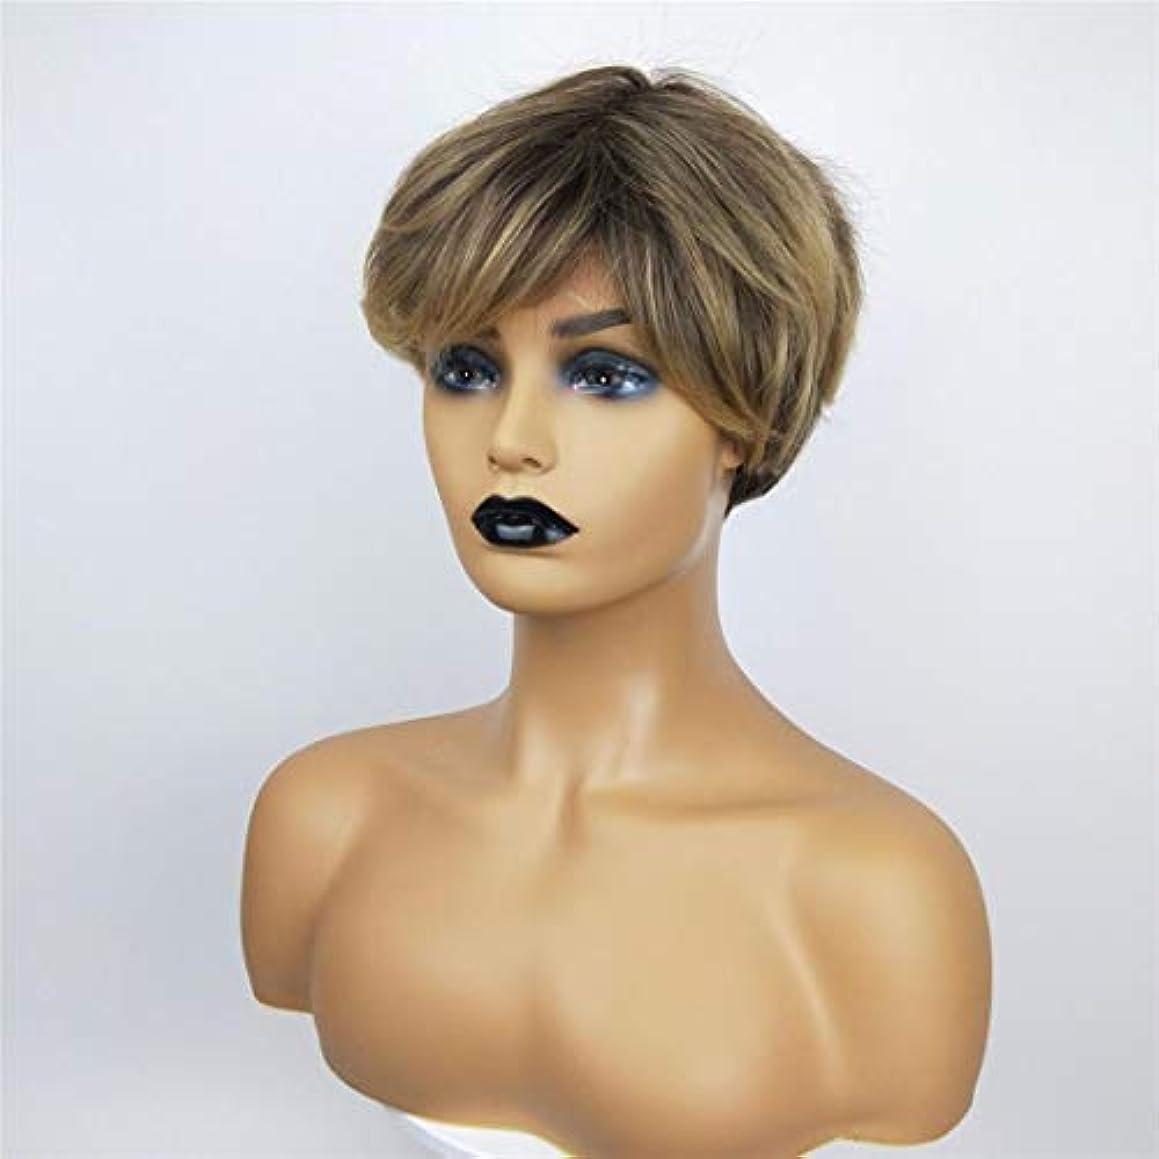 トレイル基礎理論アイザックKerwinner 女性のための短い巻き毛のかつら高温シルクケミカルファイバーウィッグヘッドギア